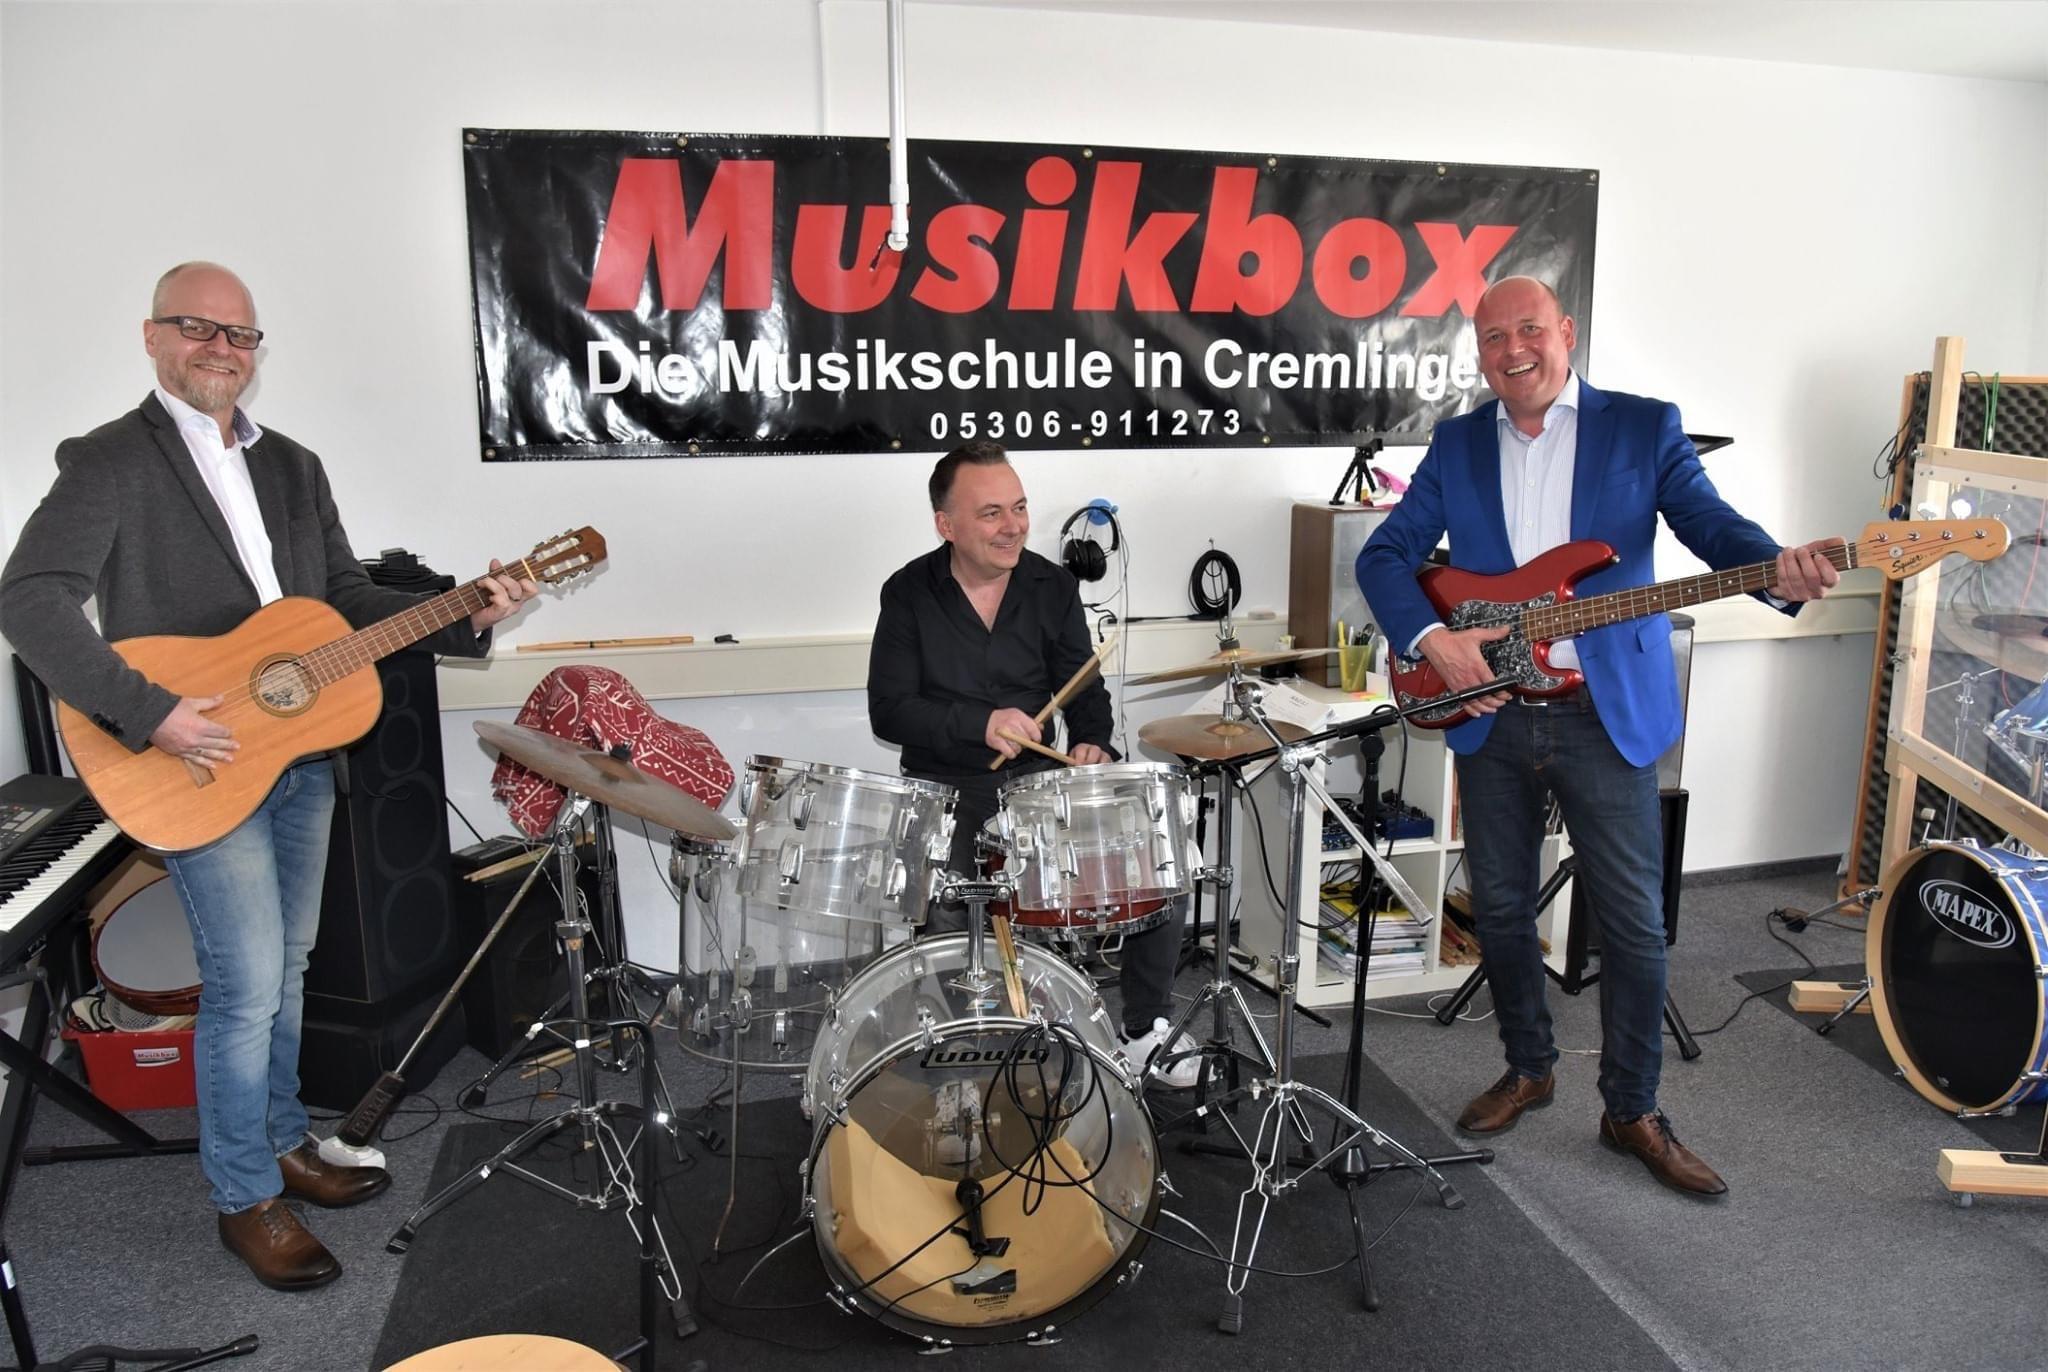 Holger Bormann Besuch bei der Musikbox